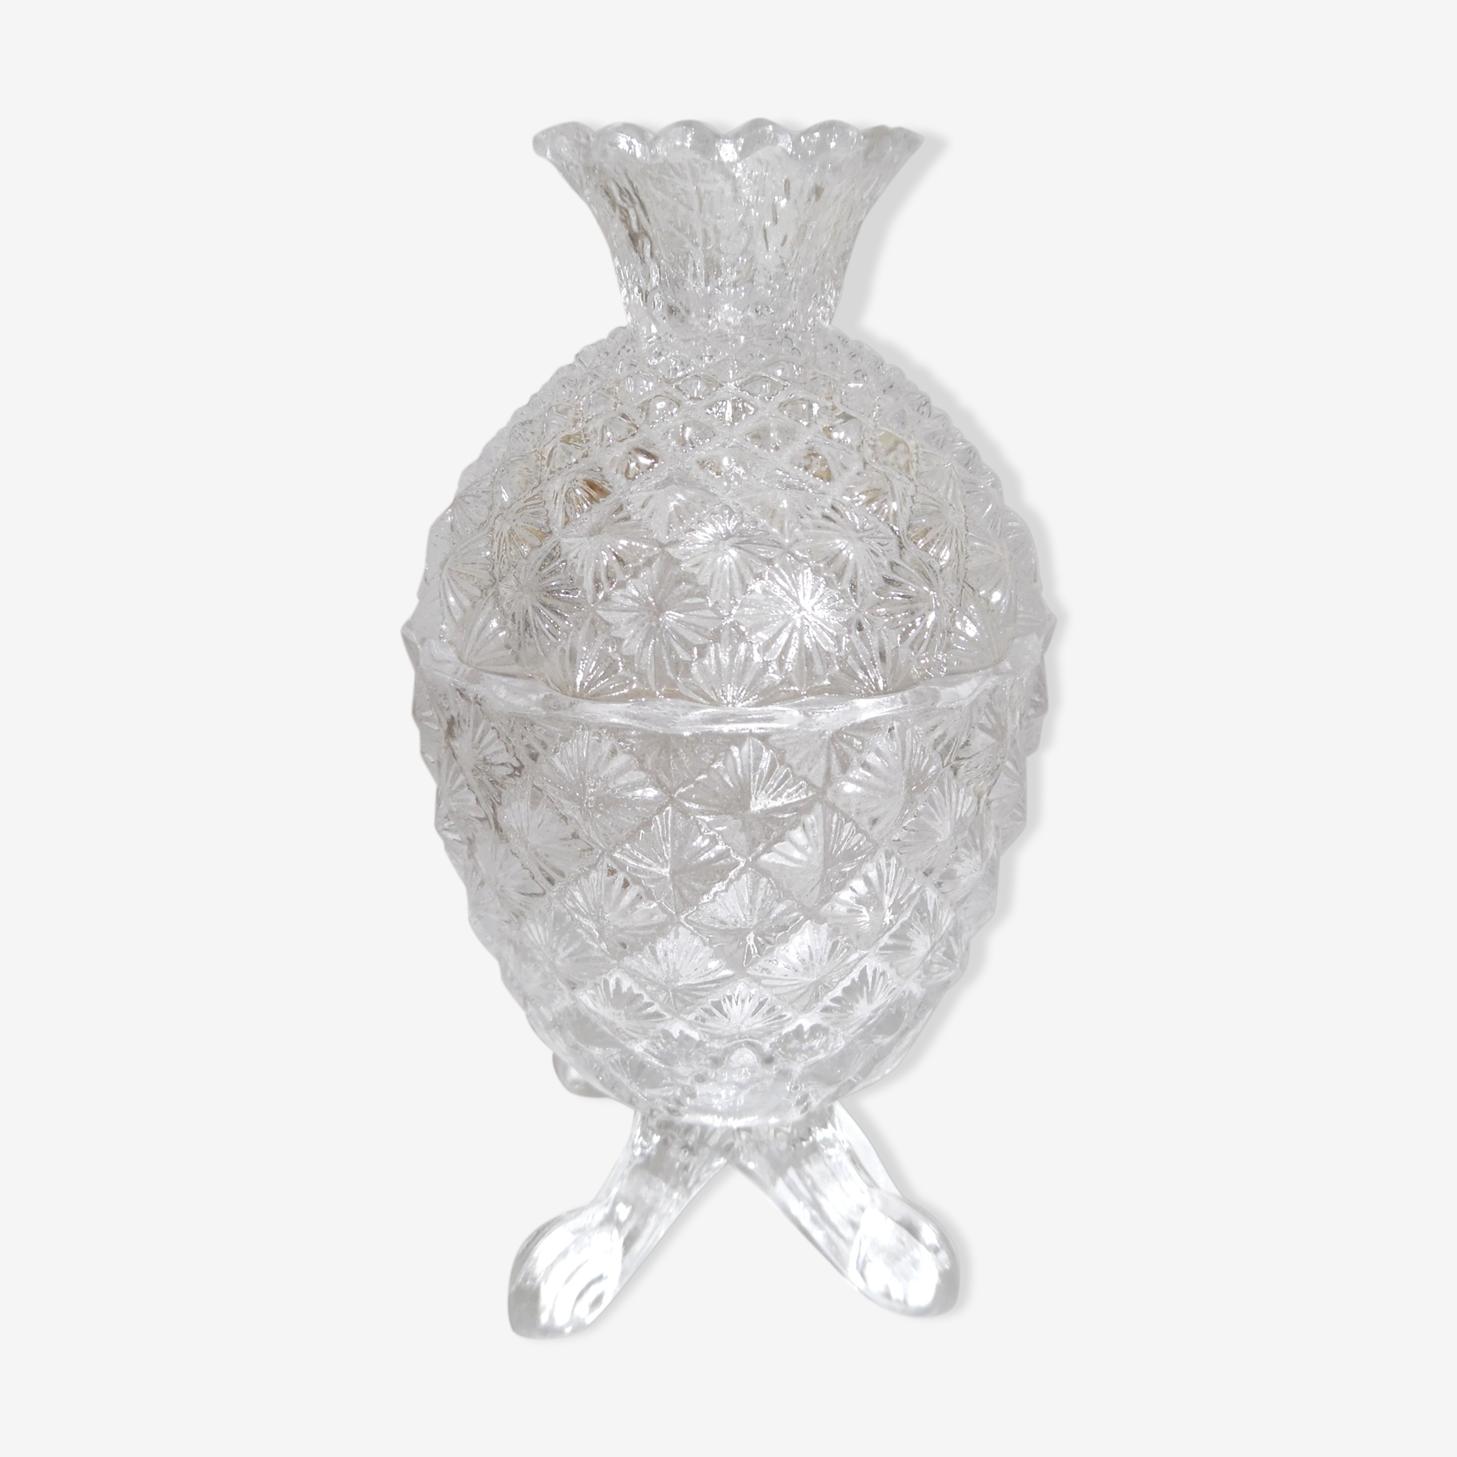 Bonbonnière en cristal, taillée en forme d'ananas